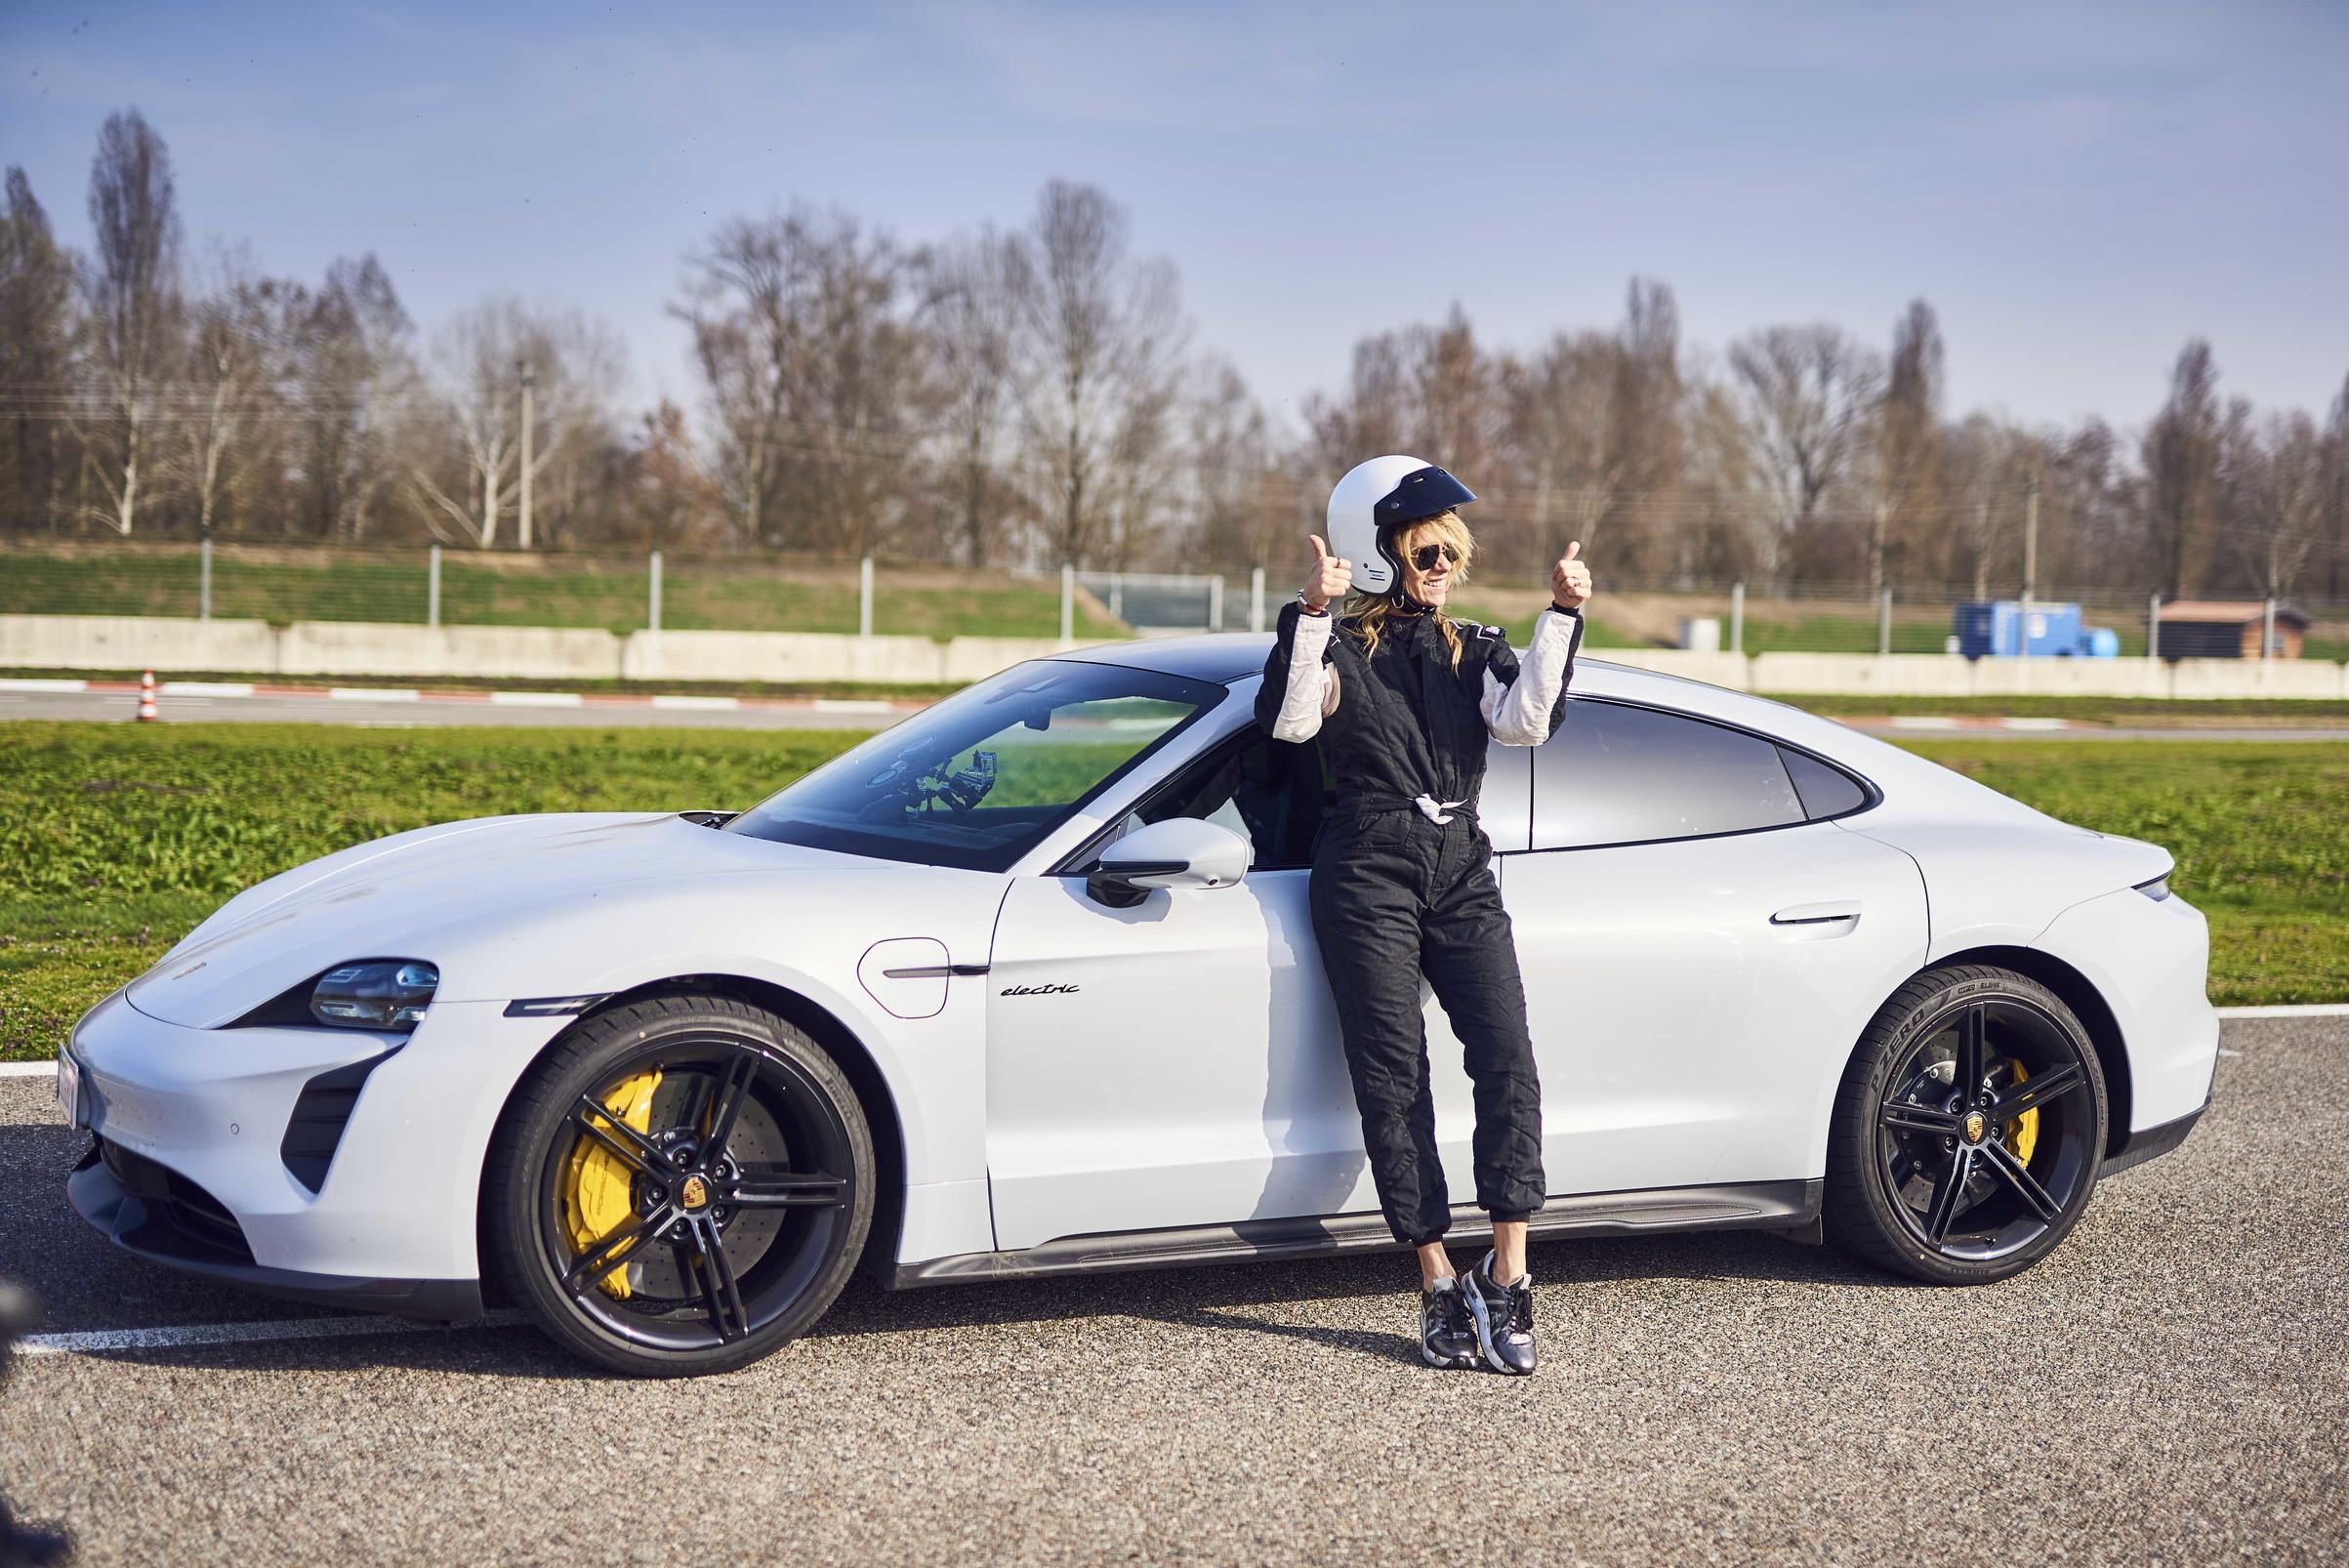 Protagonista della prima puntata Hoara Borselli che, con Ringo e Alessio Viola, si &egrave; divertita sulla pista di Vairano alla guida della Porsche Taycan Turbo.&nbsp;<br /><br />